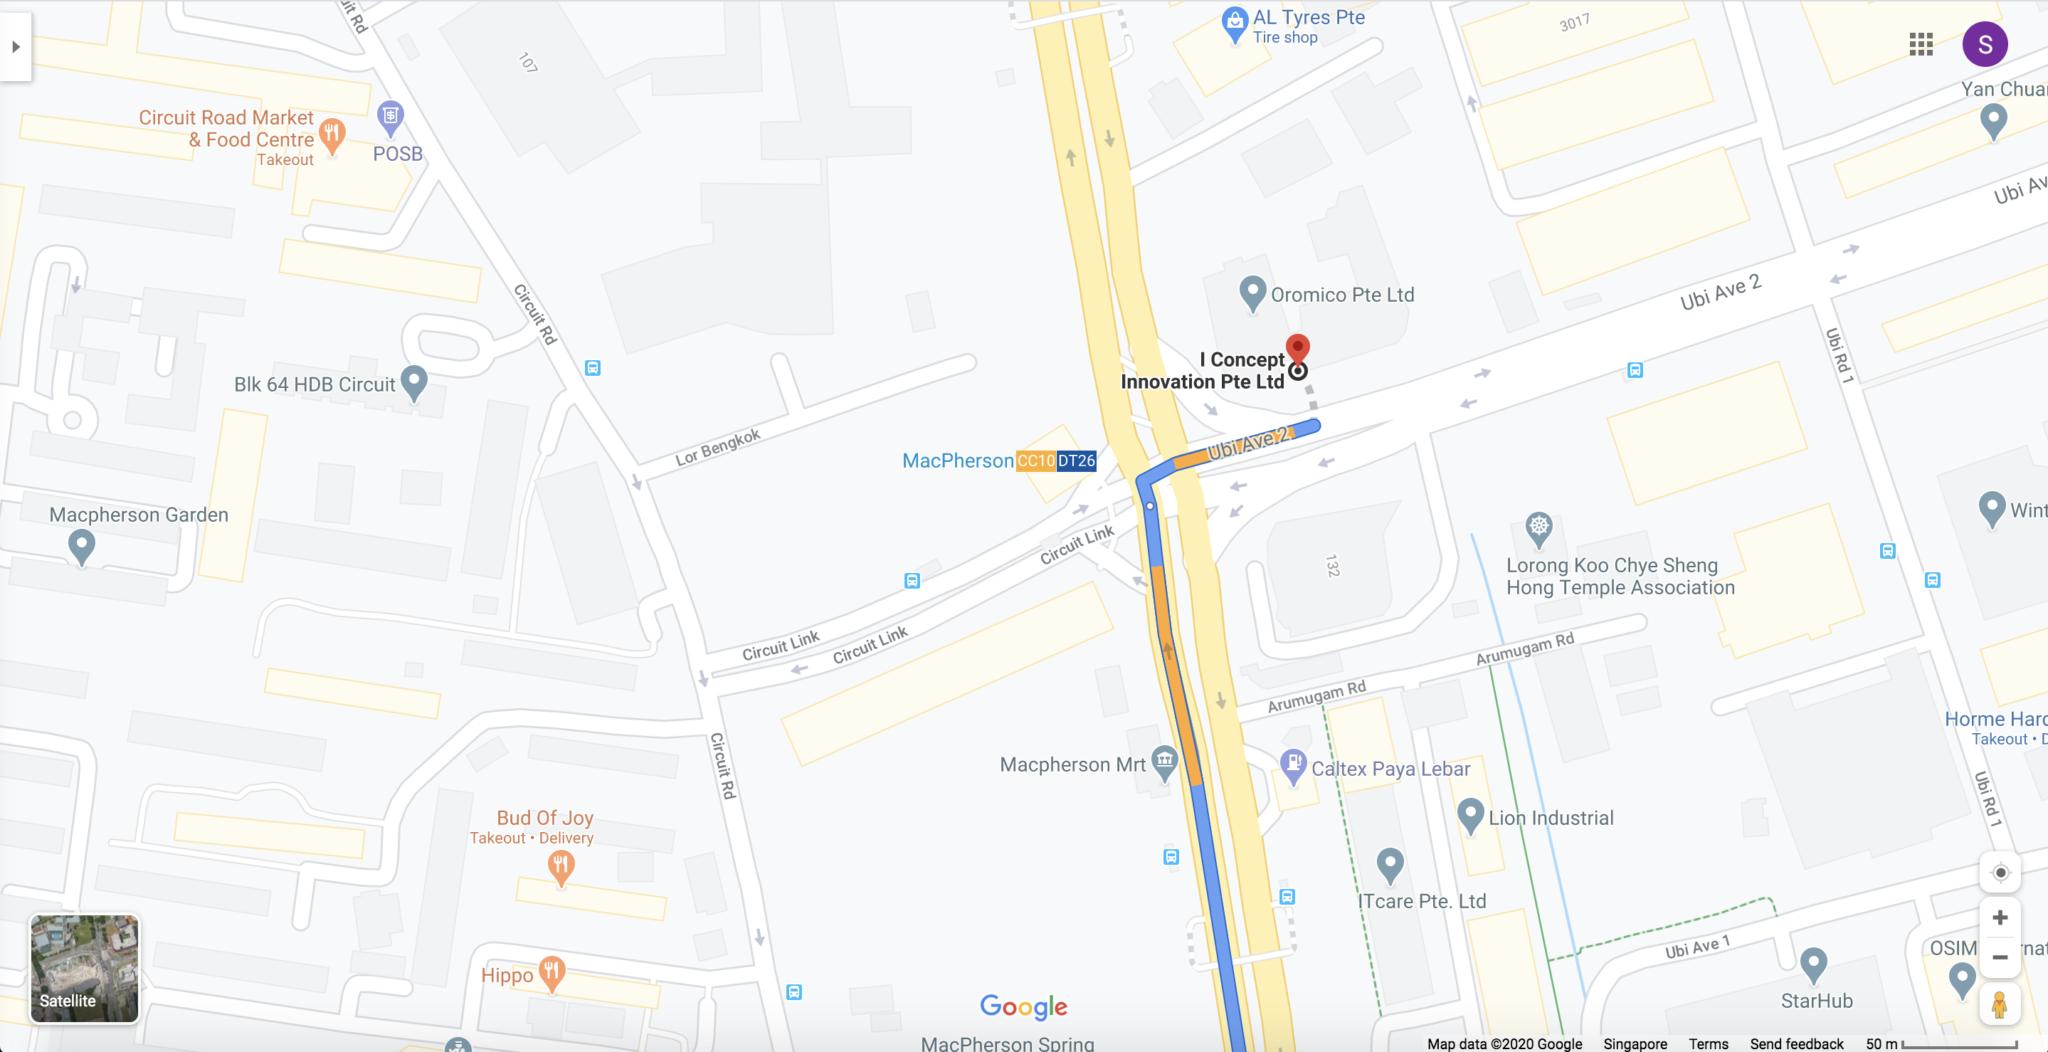 Google-Maps-I-Concept